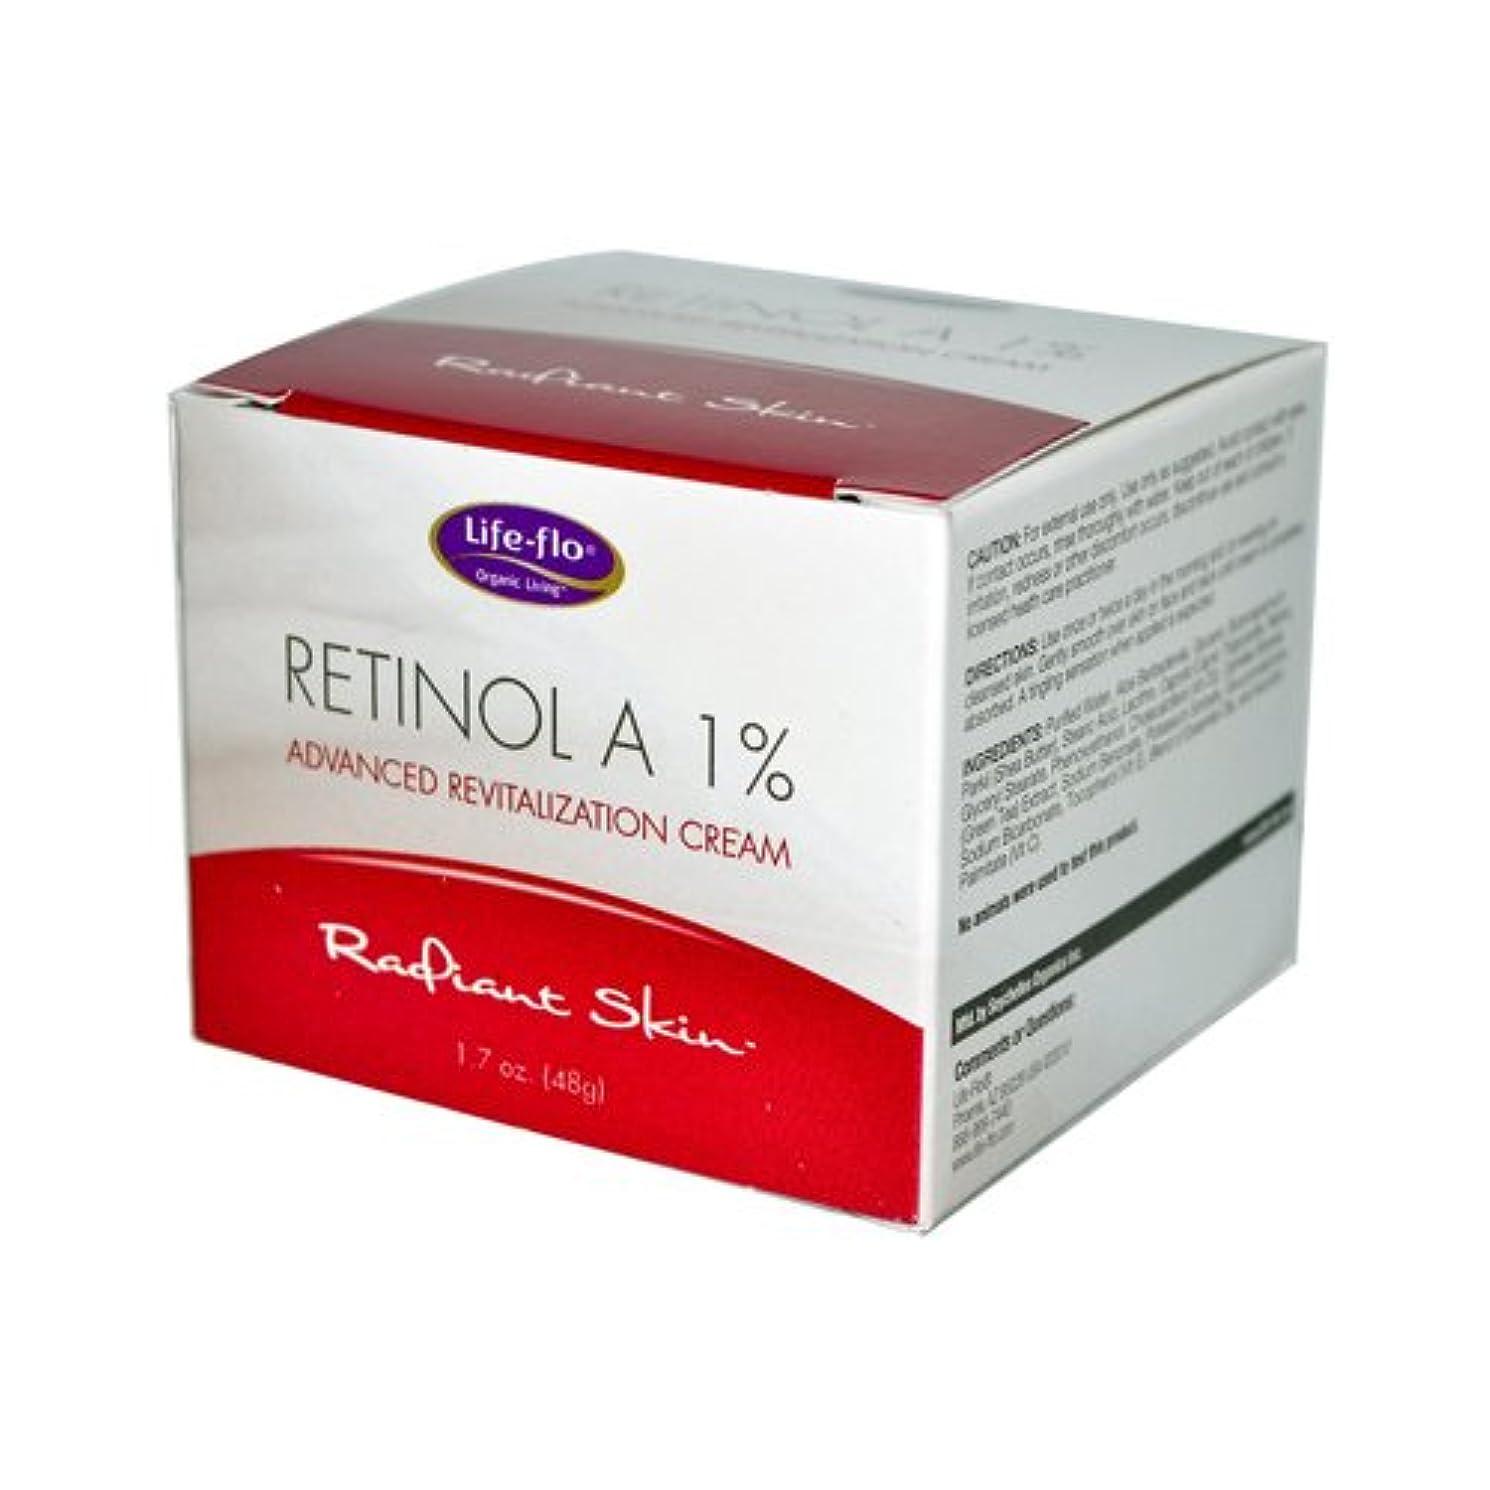 ブルーベル狐テーブル海外直送品 Life-Flo Retinol A 1% Advanced Revitalization Cream, 1.7 oz